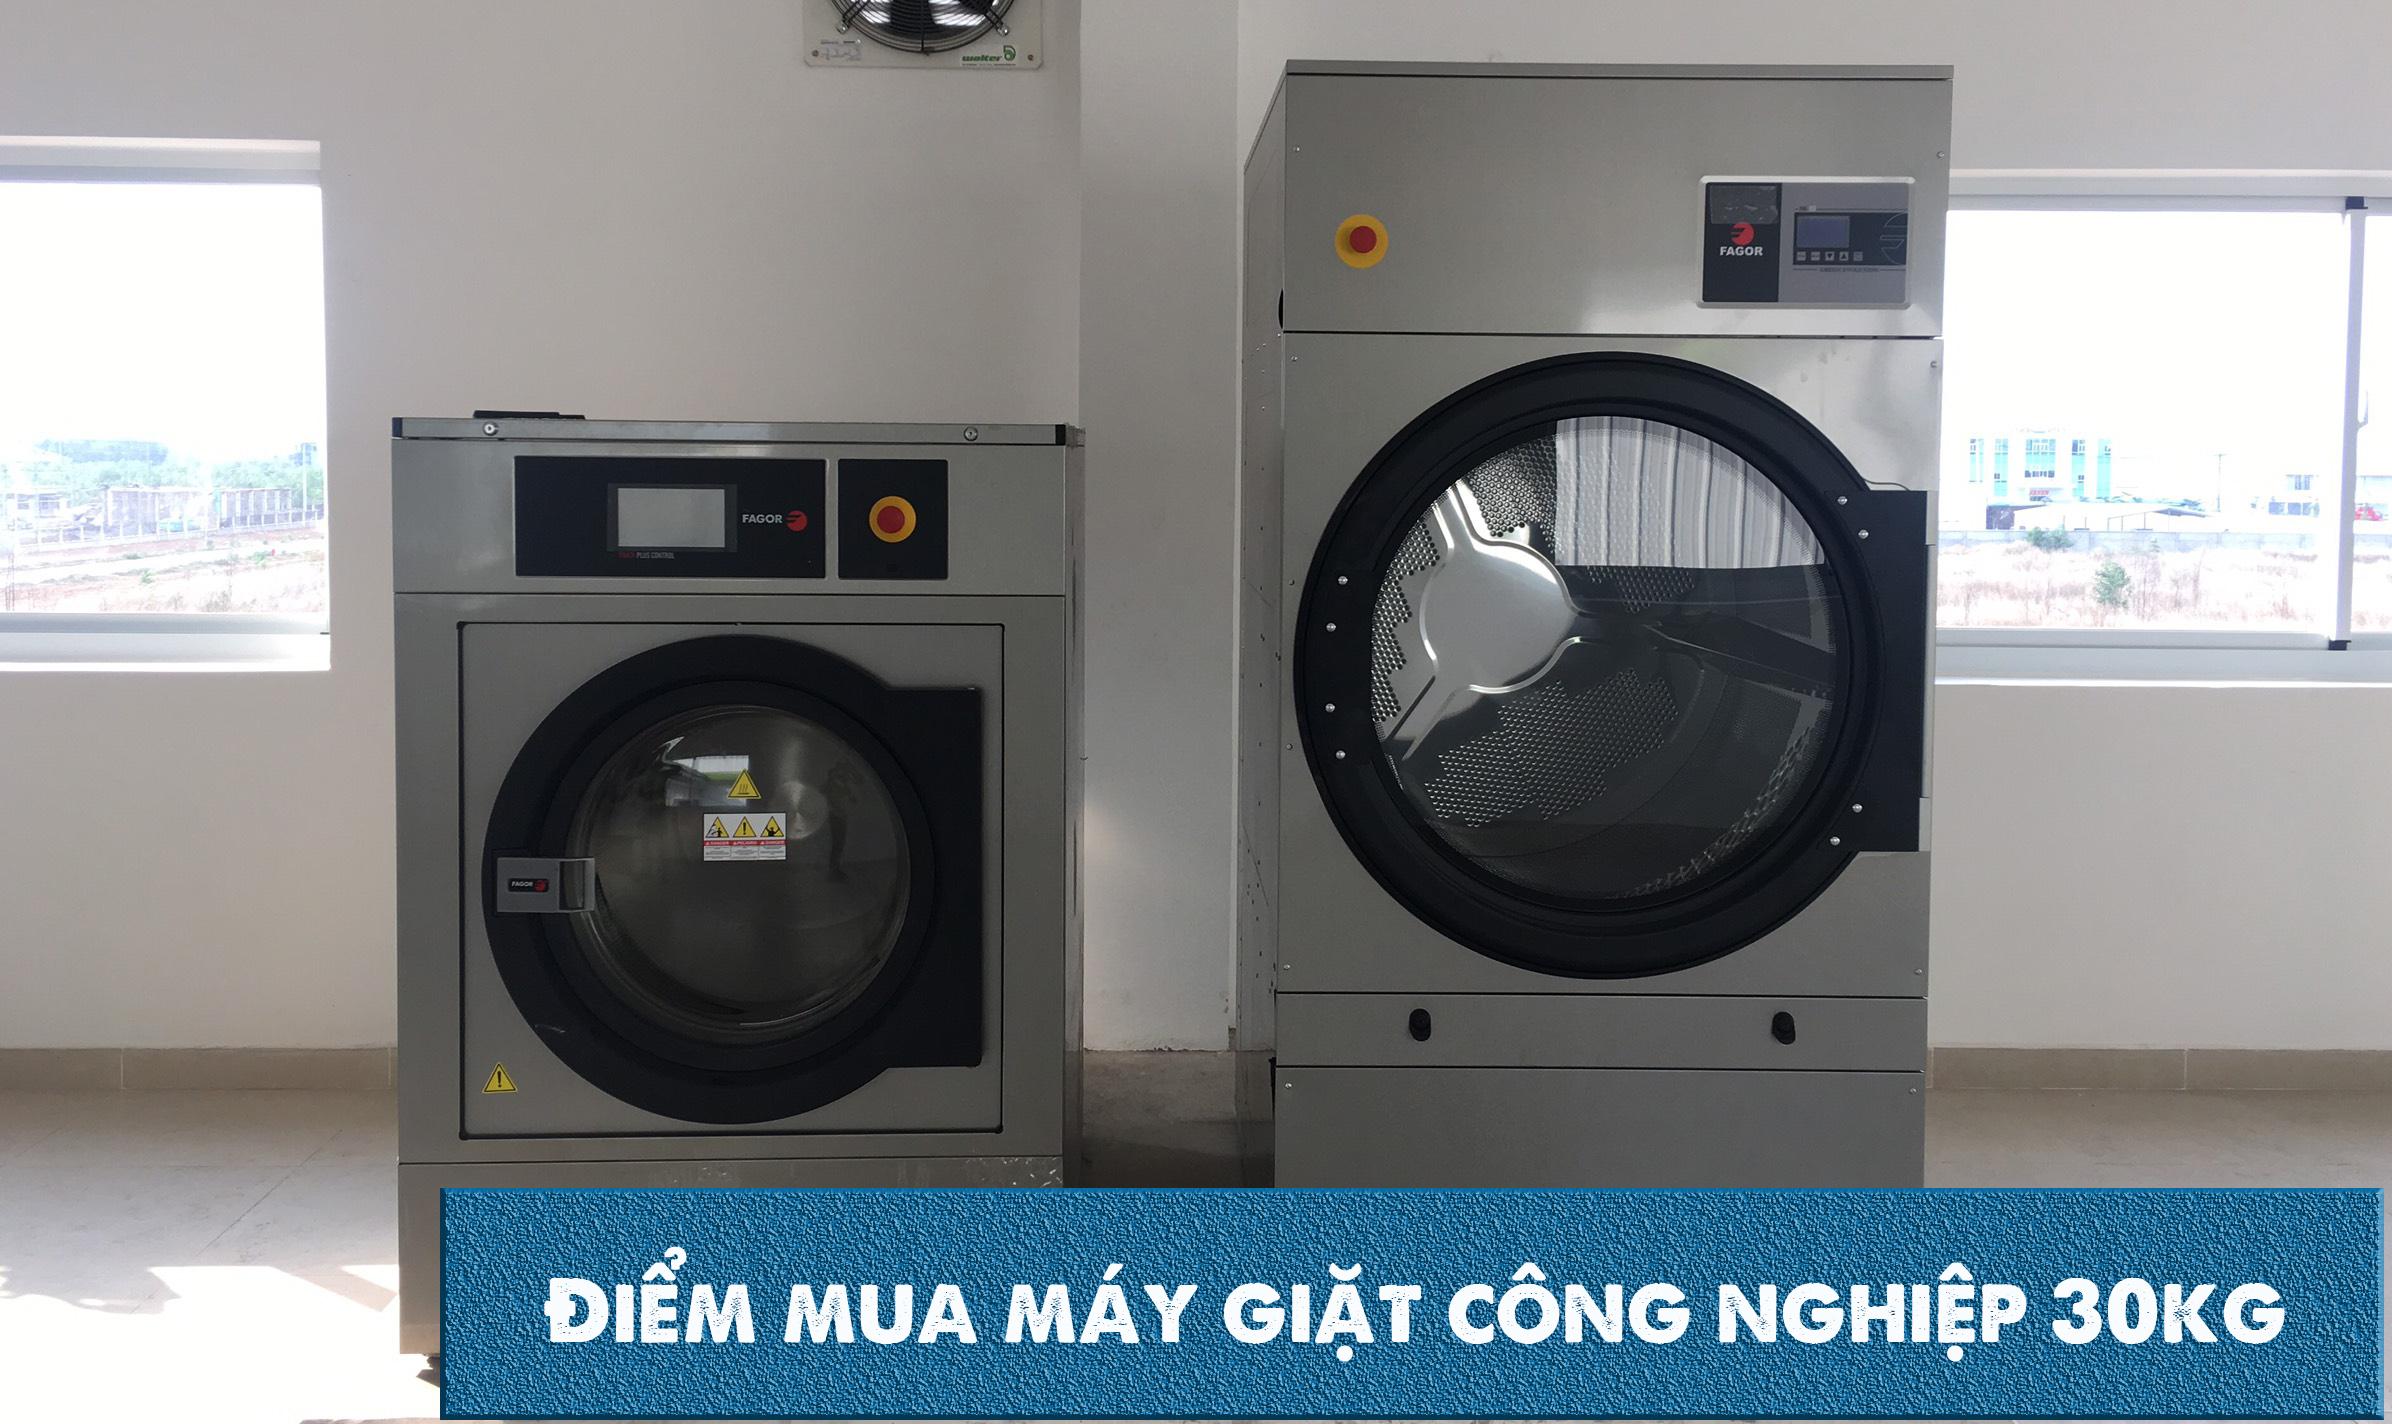 mua máy giặt công nghiệp 30kg